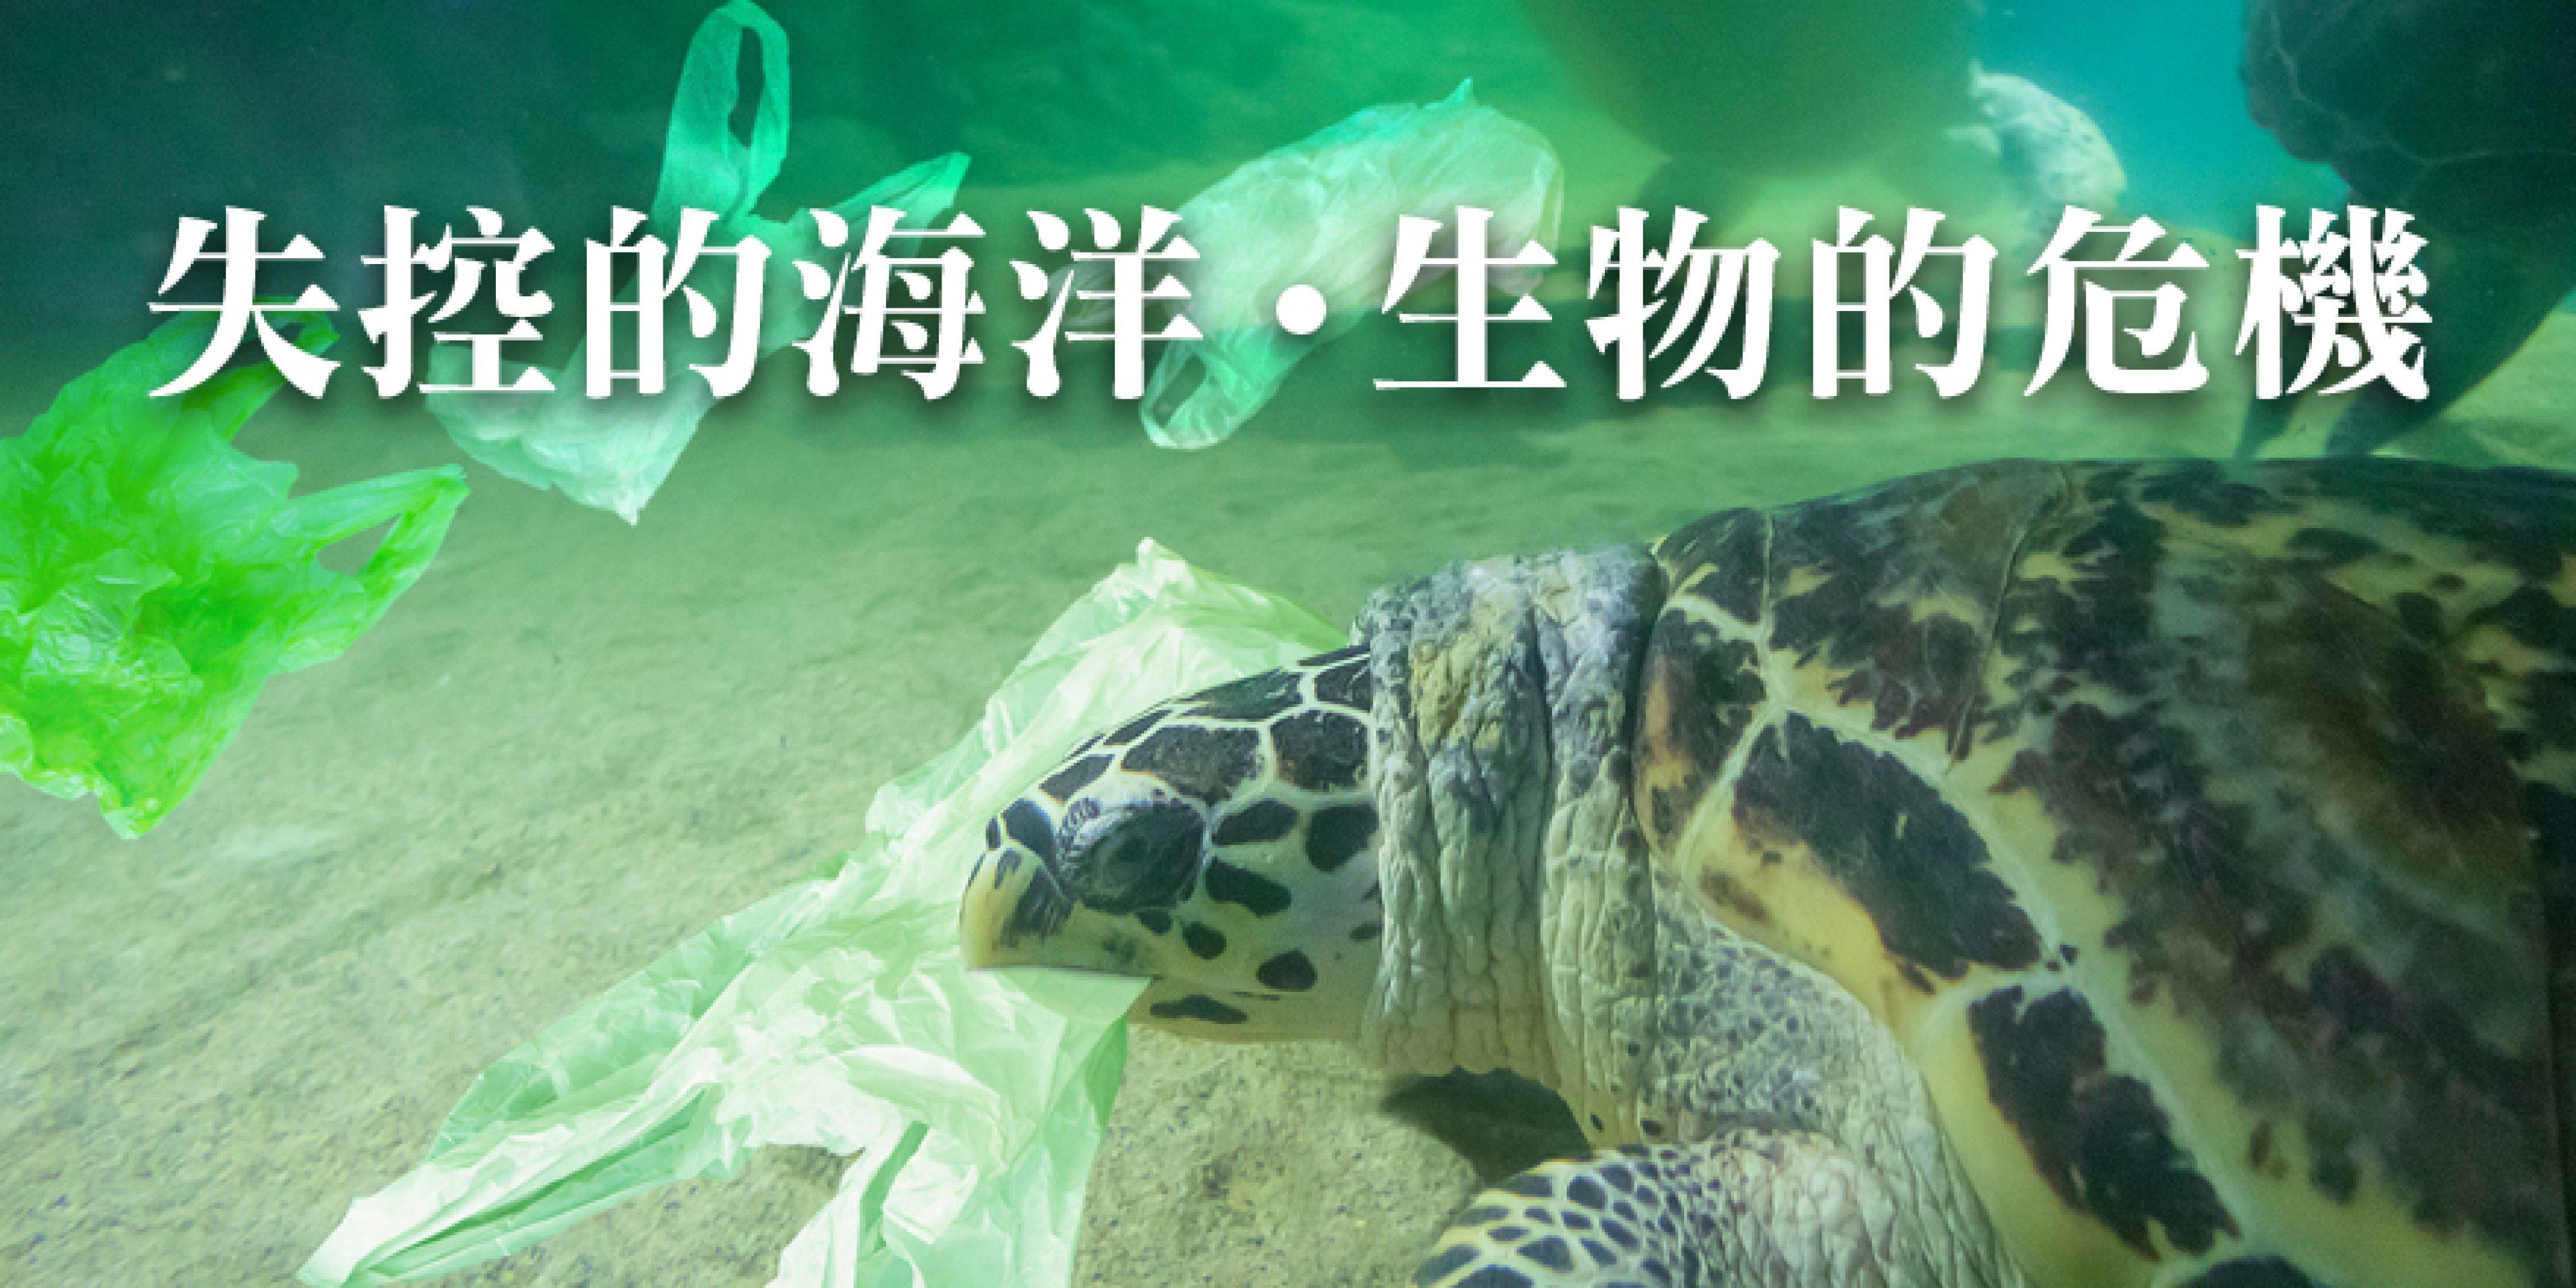 【海洋台灣】優游海龜島 小琉球生態觀光大習題